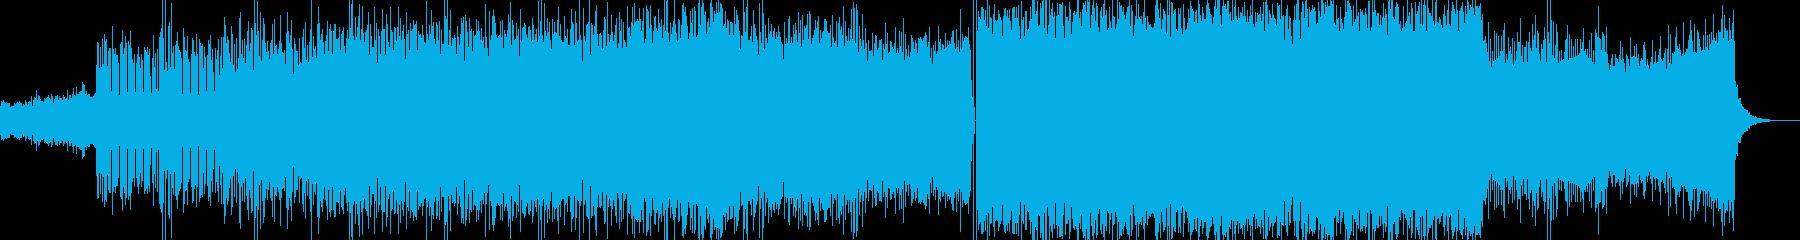 キラキラしたテクノポップの再生済みの波形